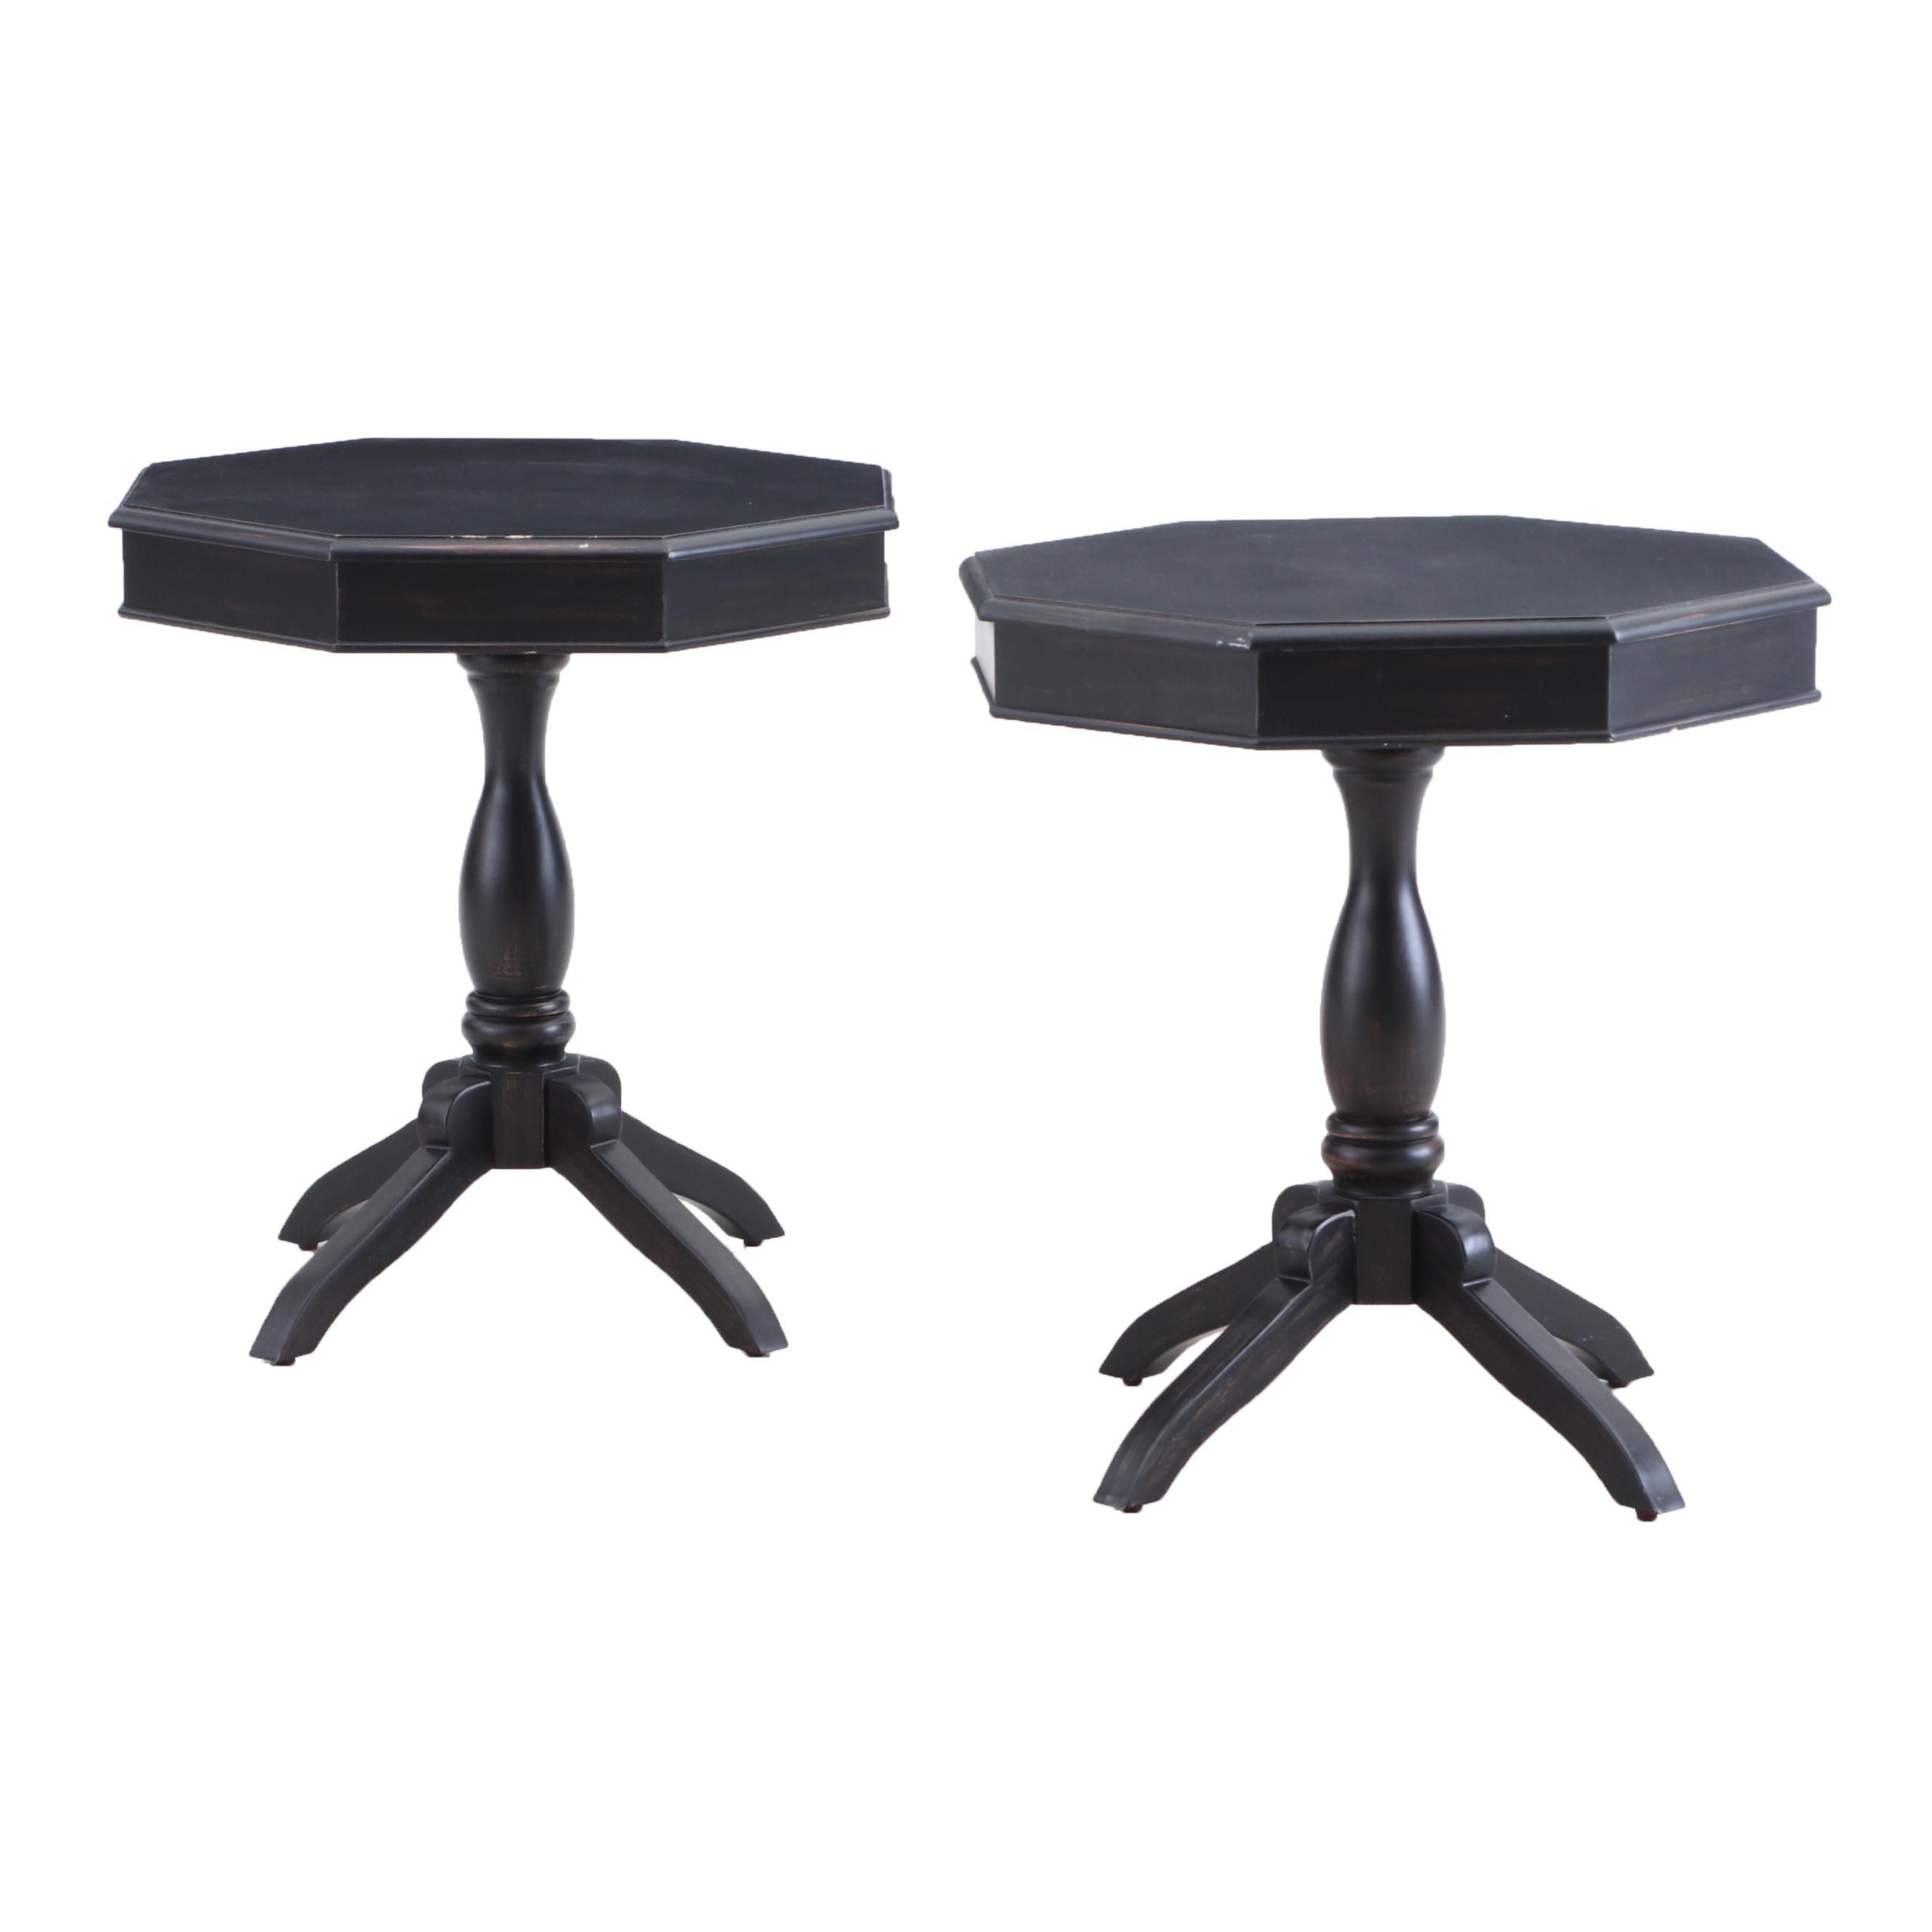 Pair of Hexagonal Tables in Black